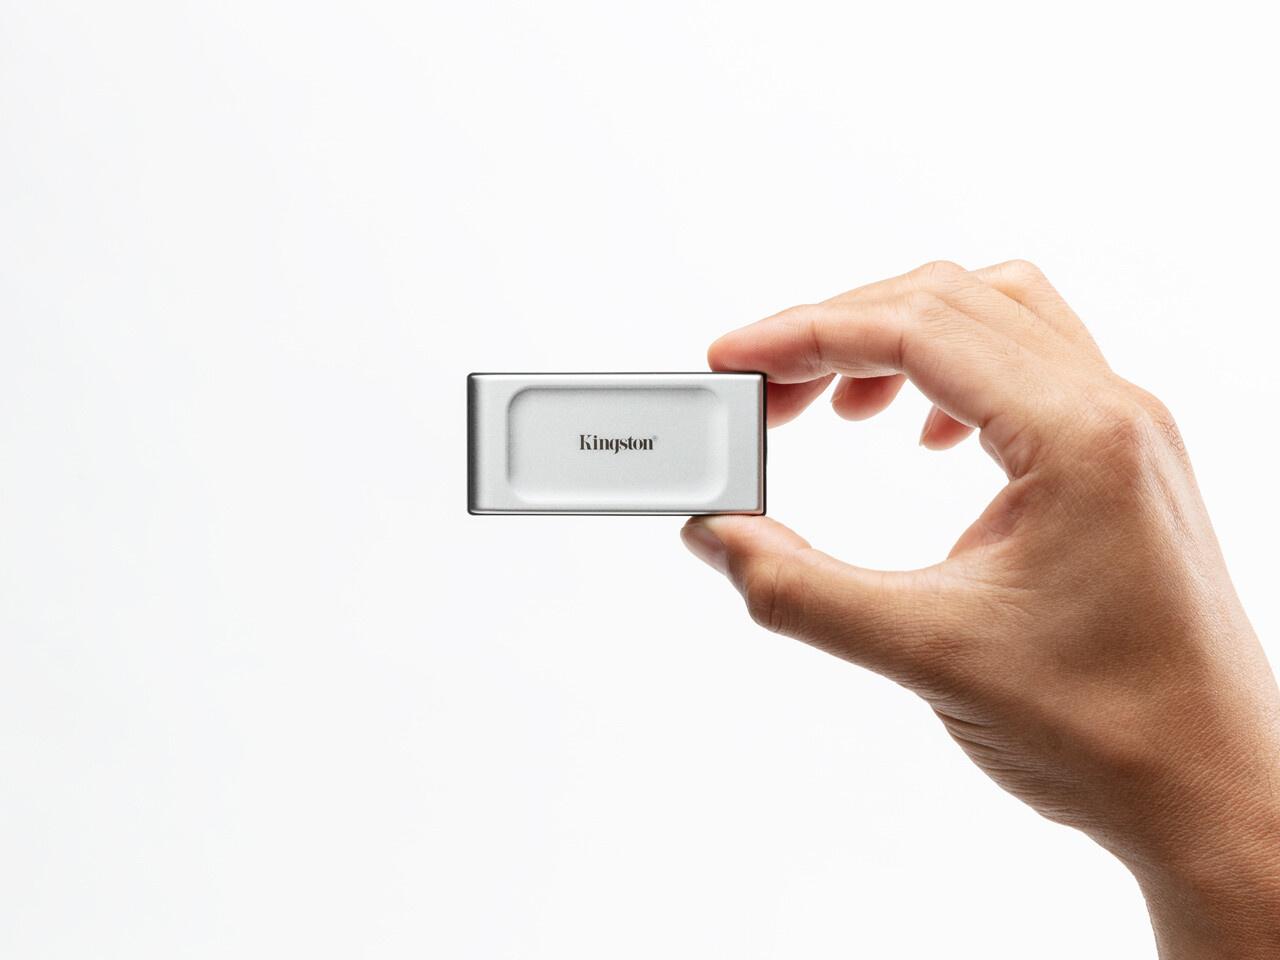 金士顿发布 XS2000 移动固态硬盘:读写速度 2GB/s,仅 U 盘大小